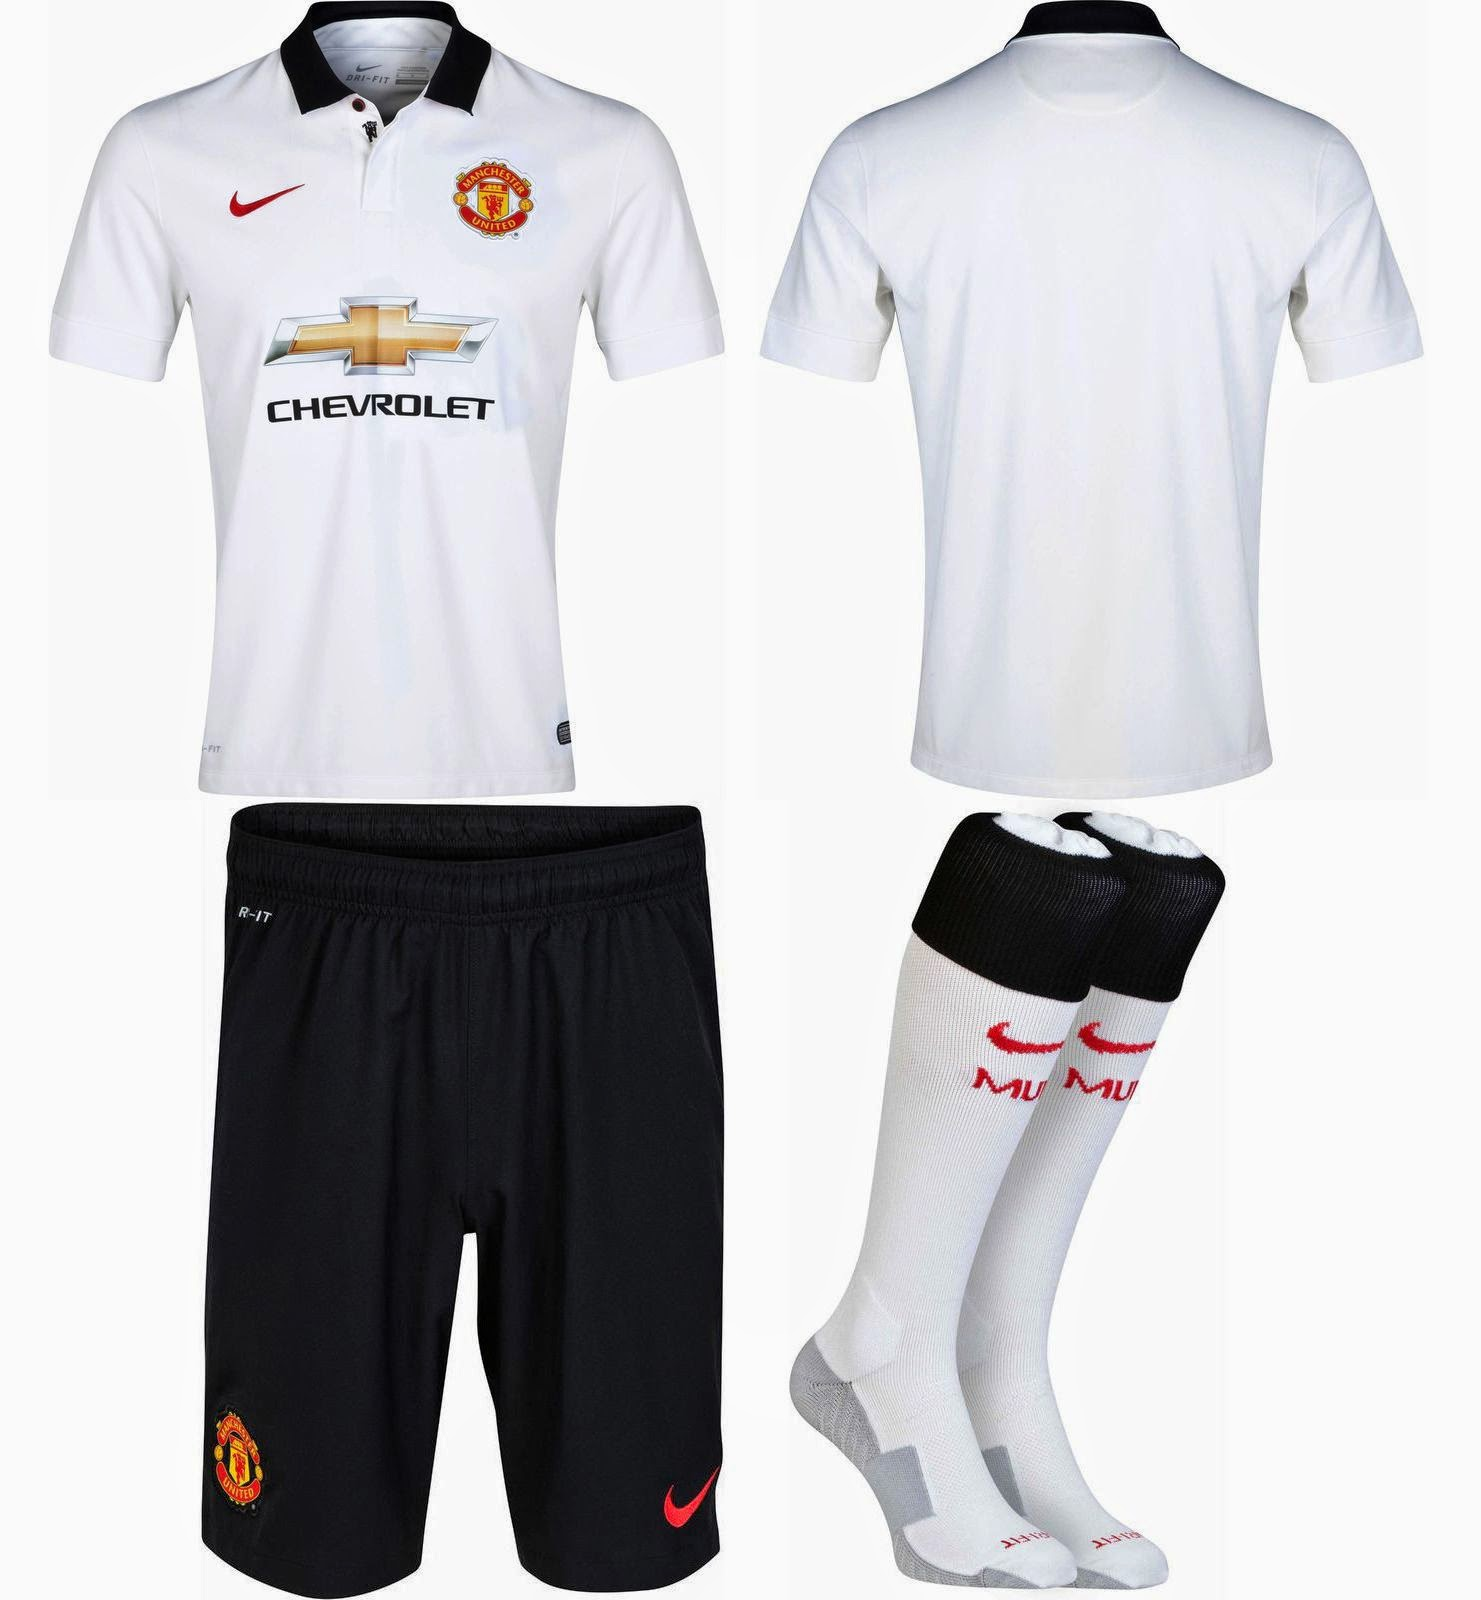 80e73f9d45f9 Гостевой комплект формы Манчестер Юнайтед выполнен в черно-белых цветах.  Футболка полностью белого цвета с классическим воротом черного цвета.